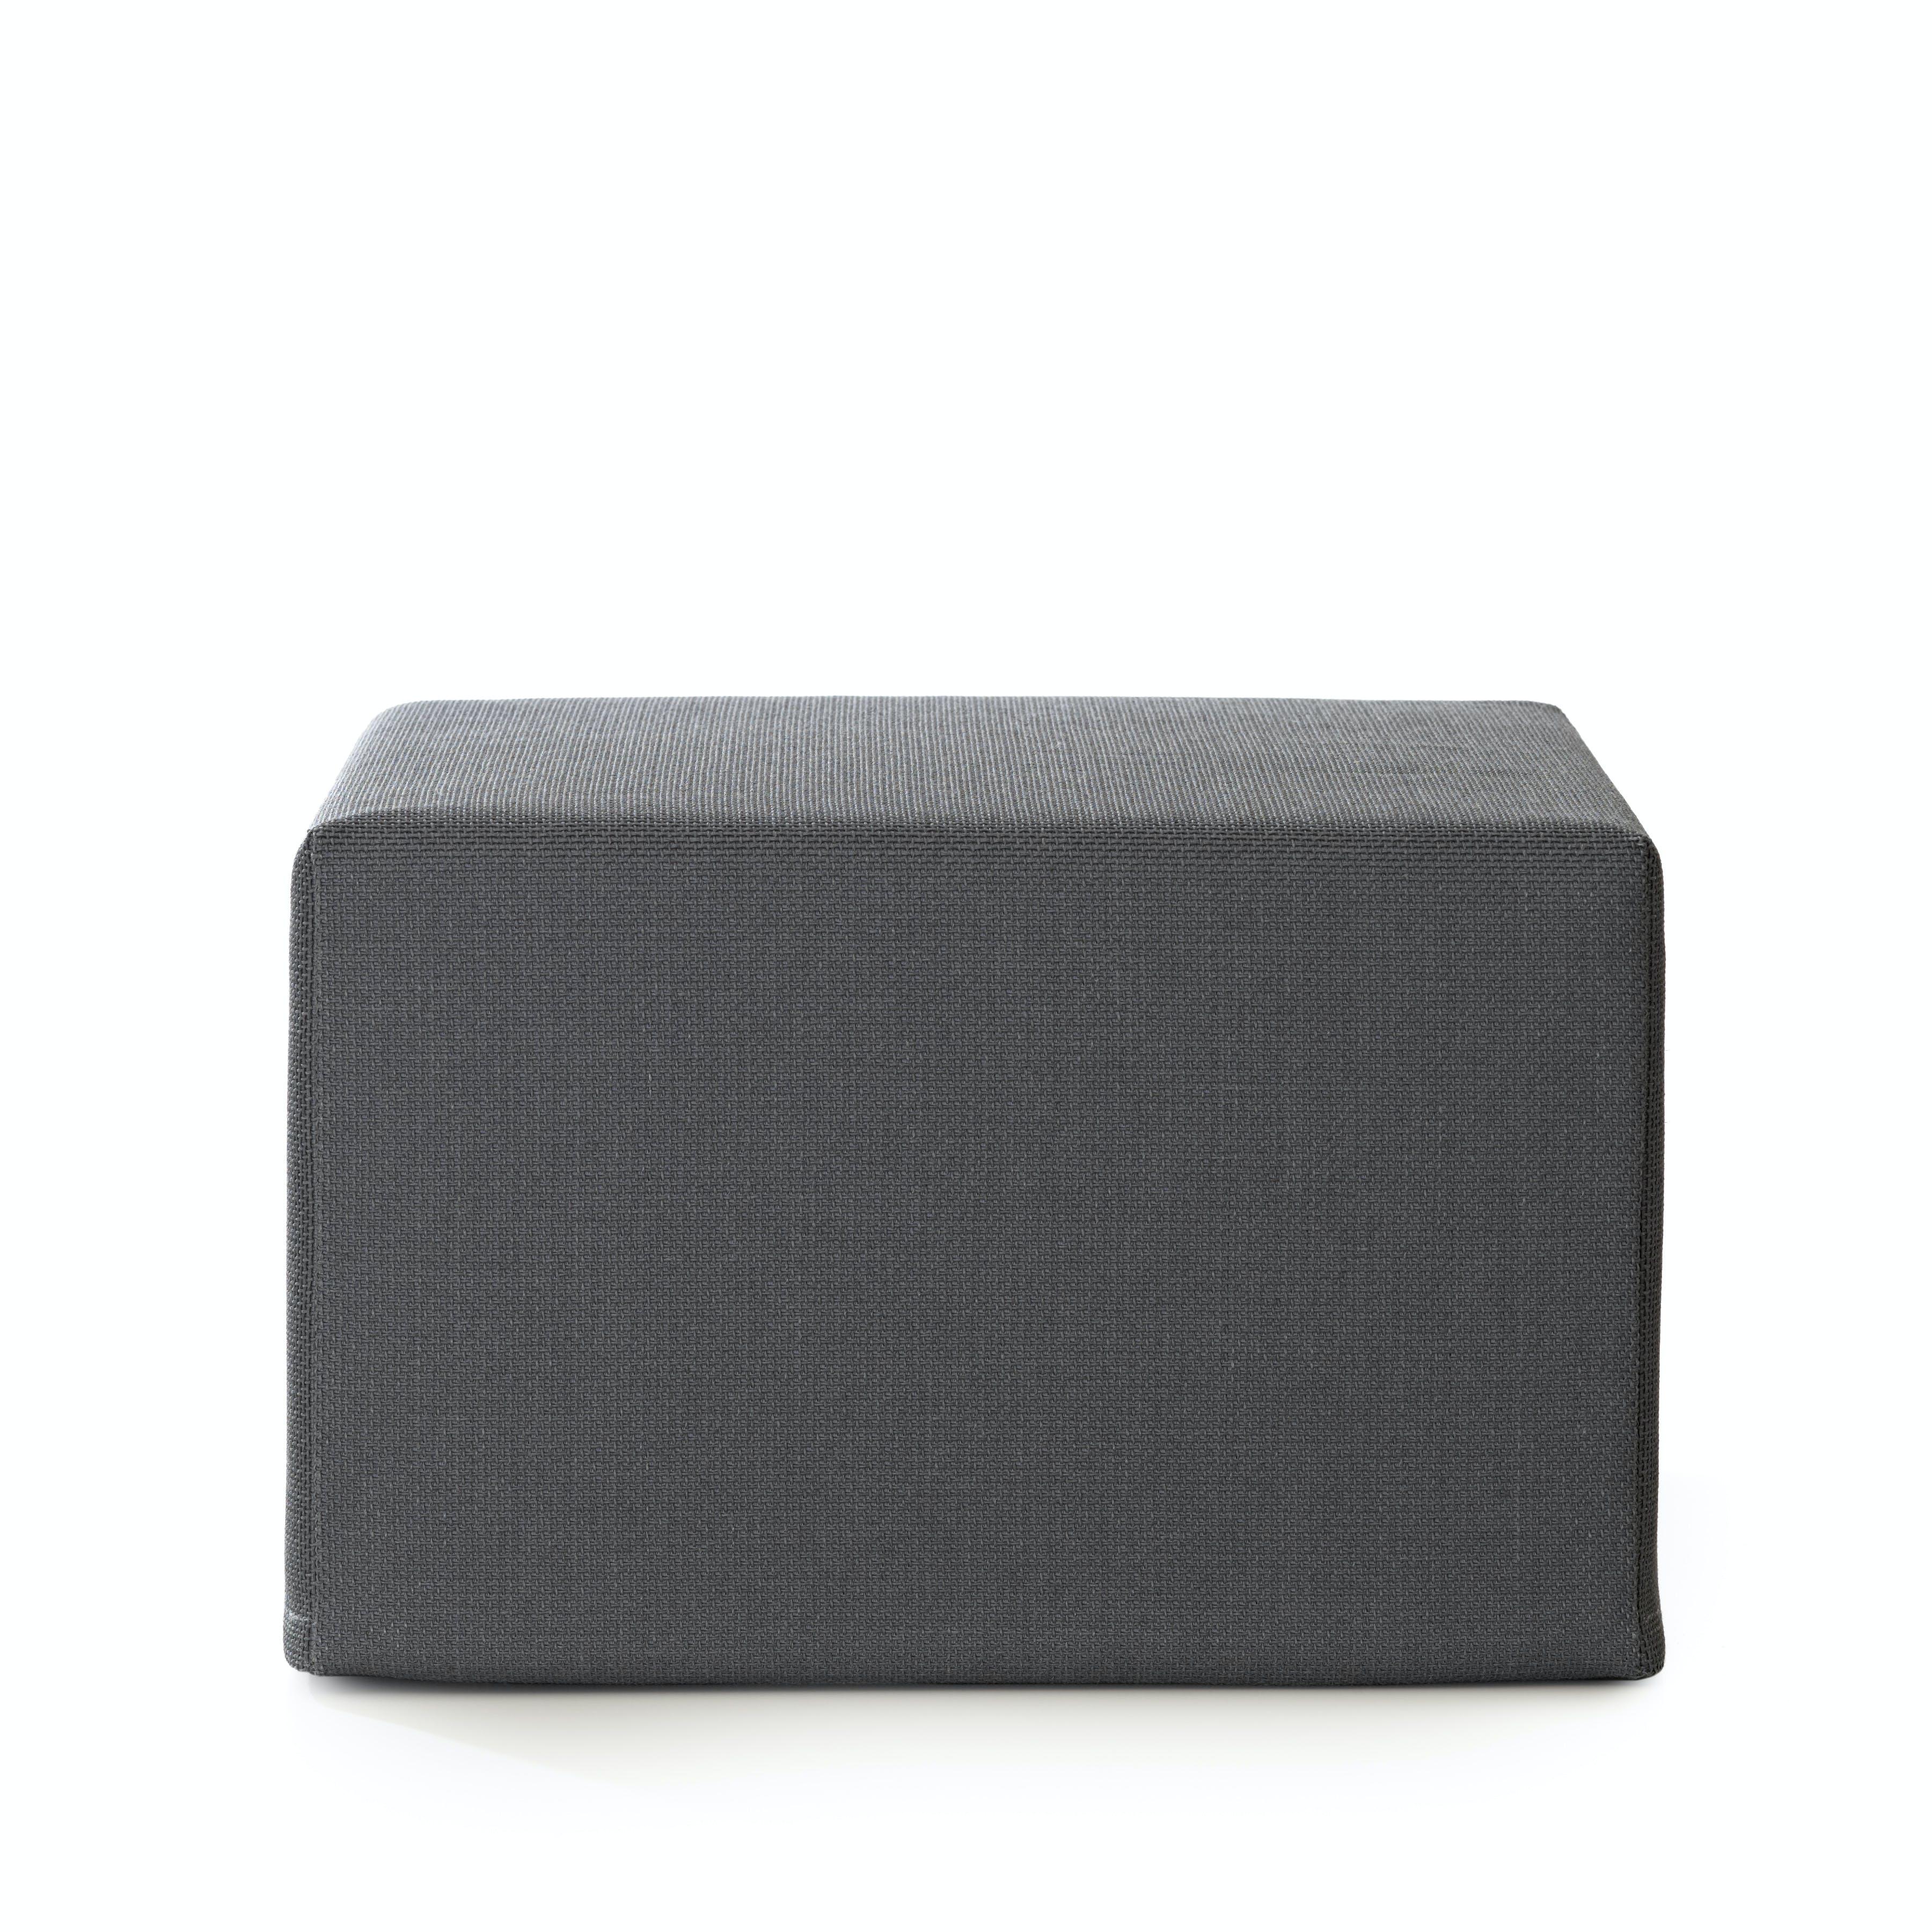 435 Cool Cushion